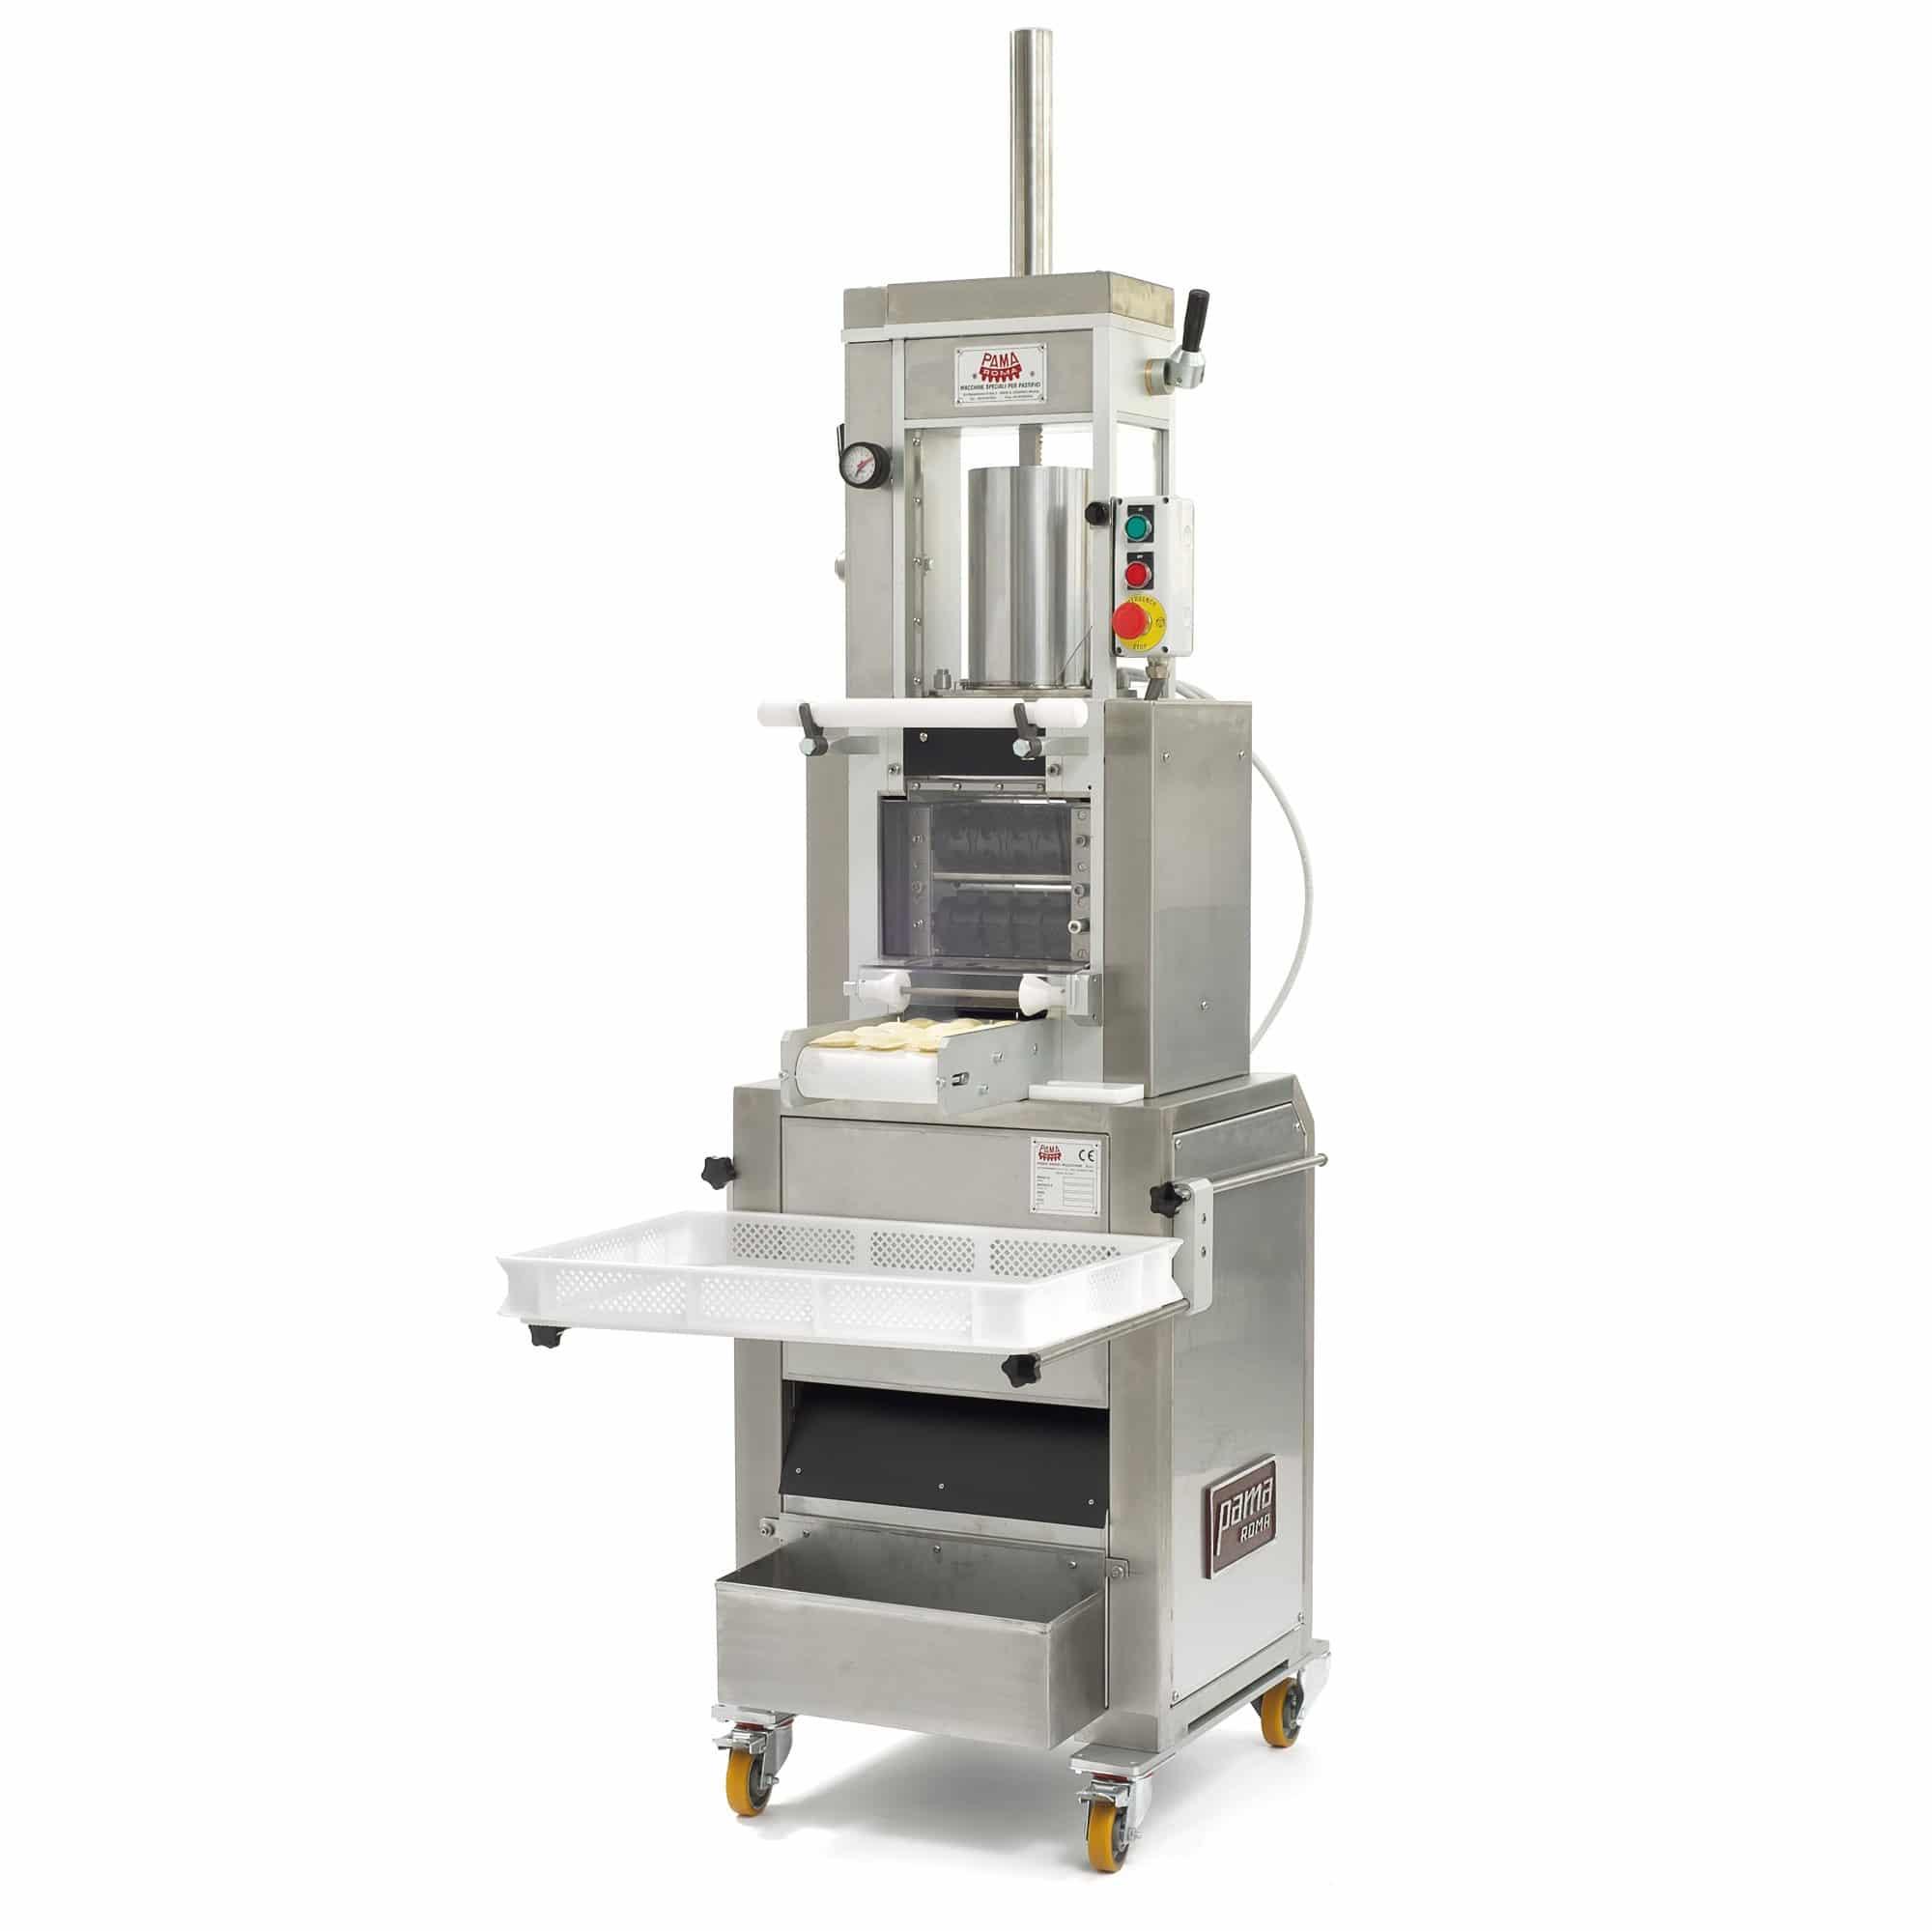 Macchine per pasta fresca raviolatrice per pasta fresca ripiena